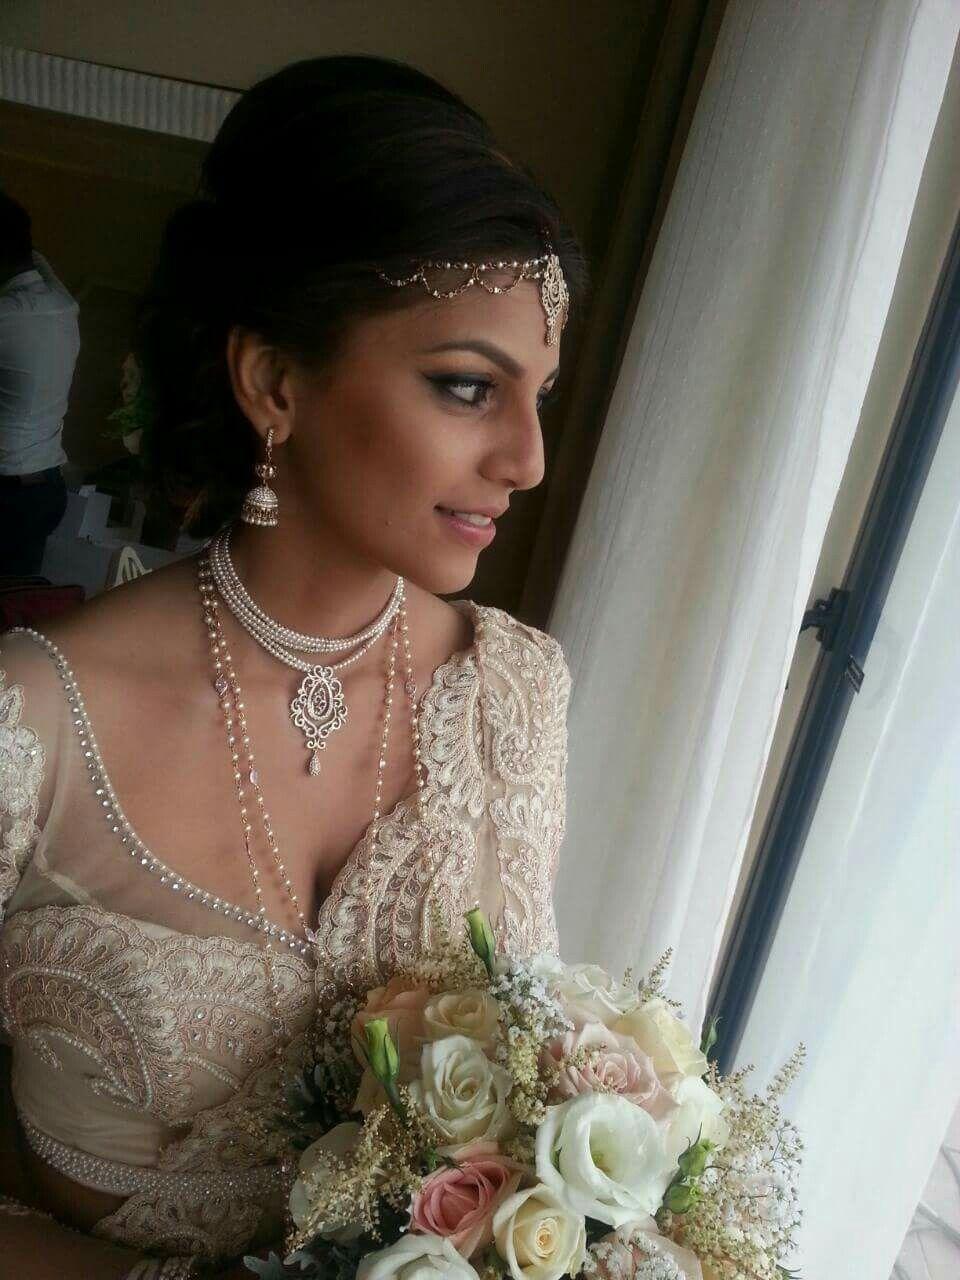 Pin by yasindri jayawardena on wedding | Pinterest | Saris